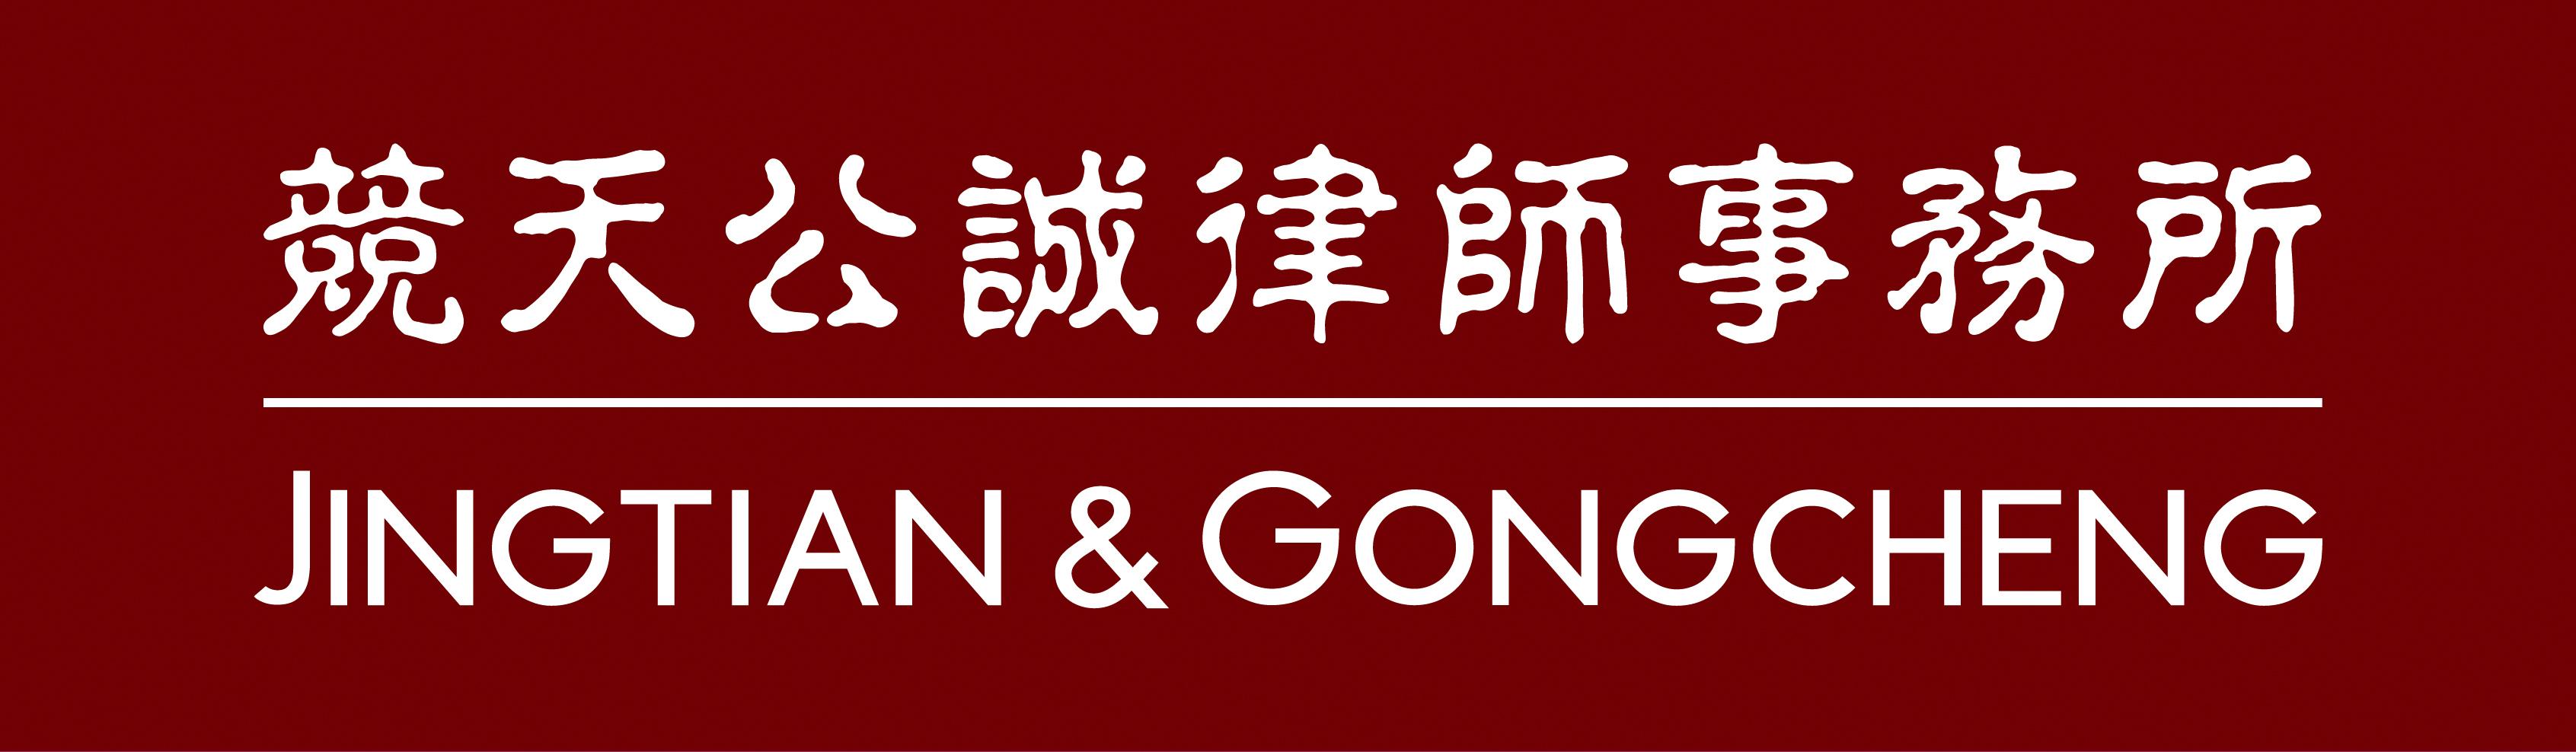 Jingtian-Gongcheng